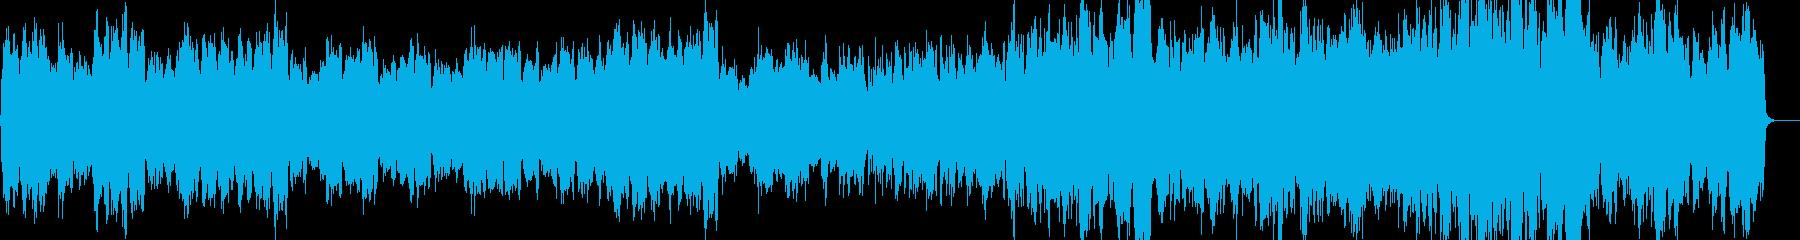 ストリングスによる切ないクラシックの再生済みの波形